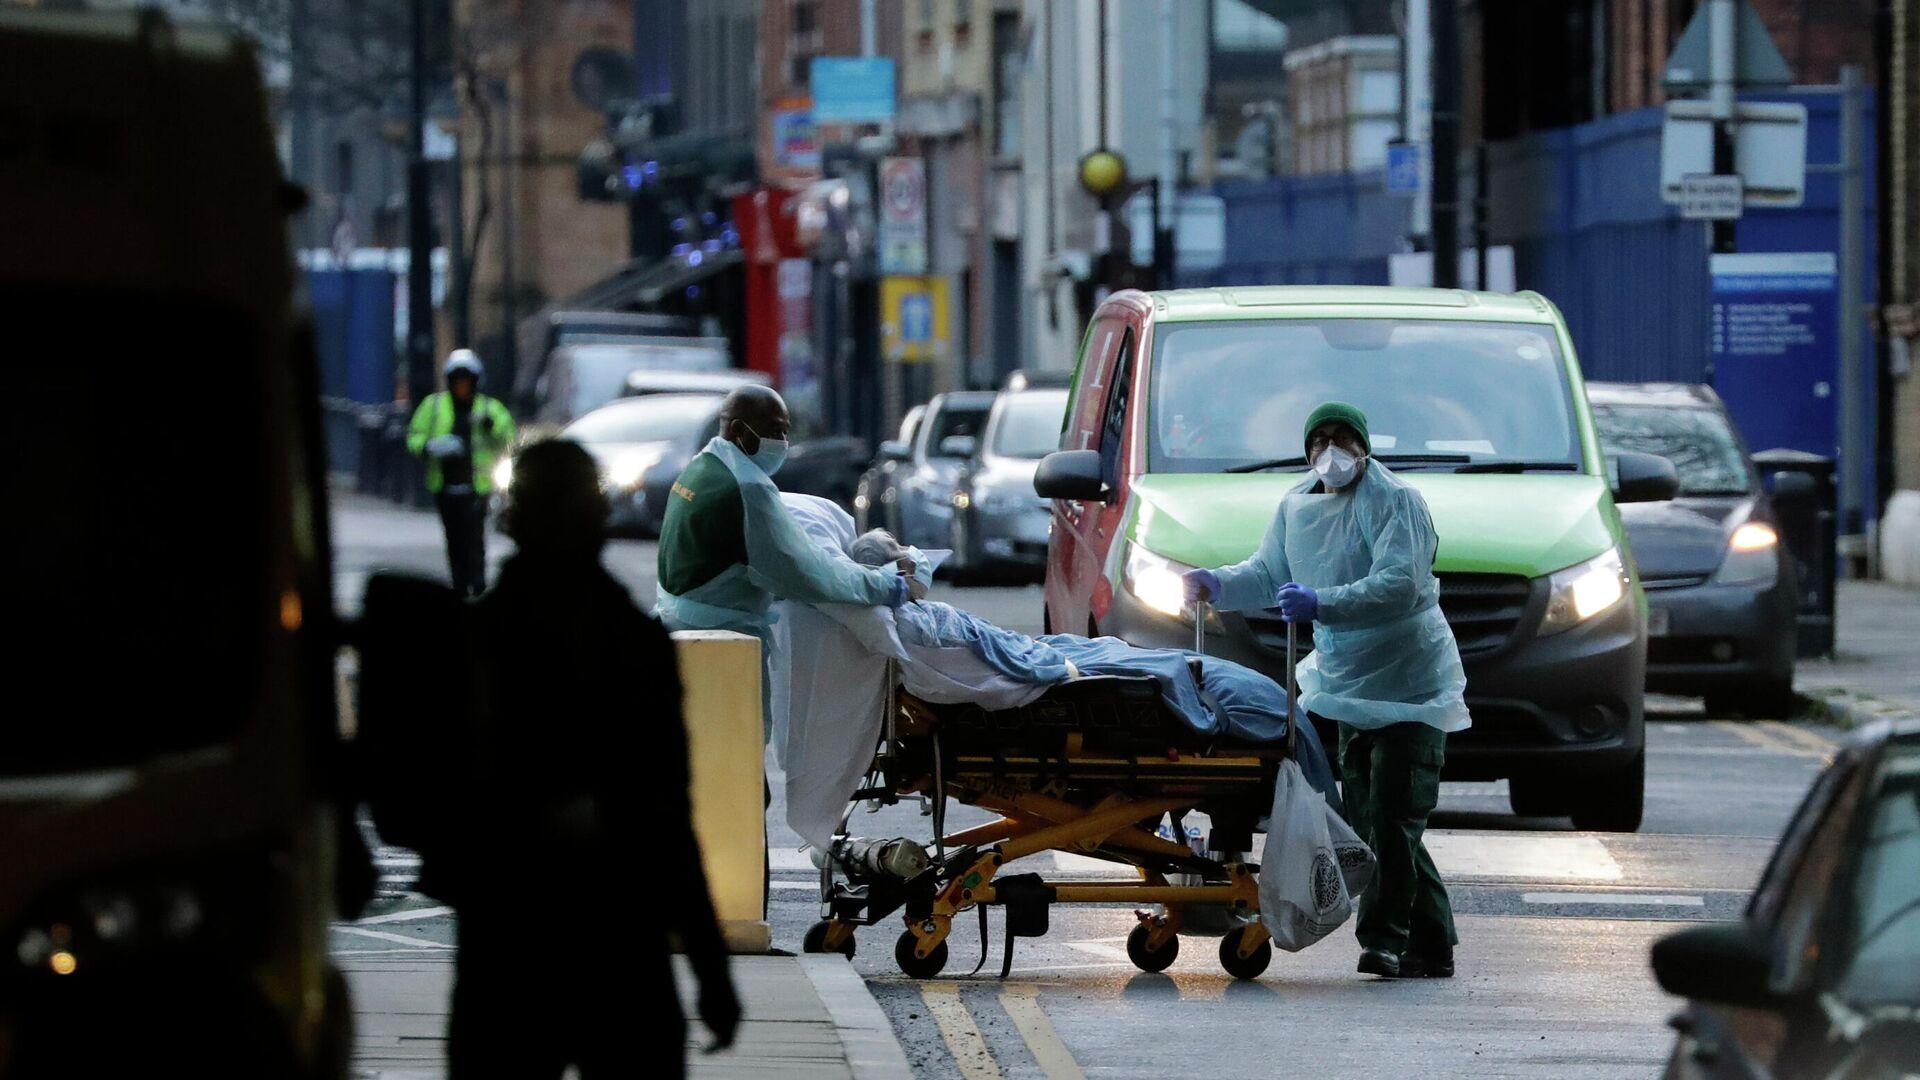 Медицинские работники транспортируют пациента на улице Лондона, Великобритания - РИА Новости, 1920, 10.01.2021